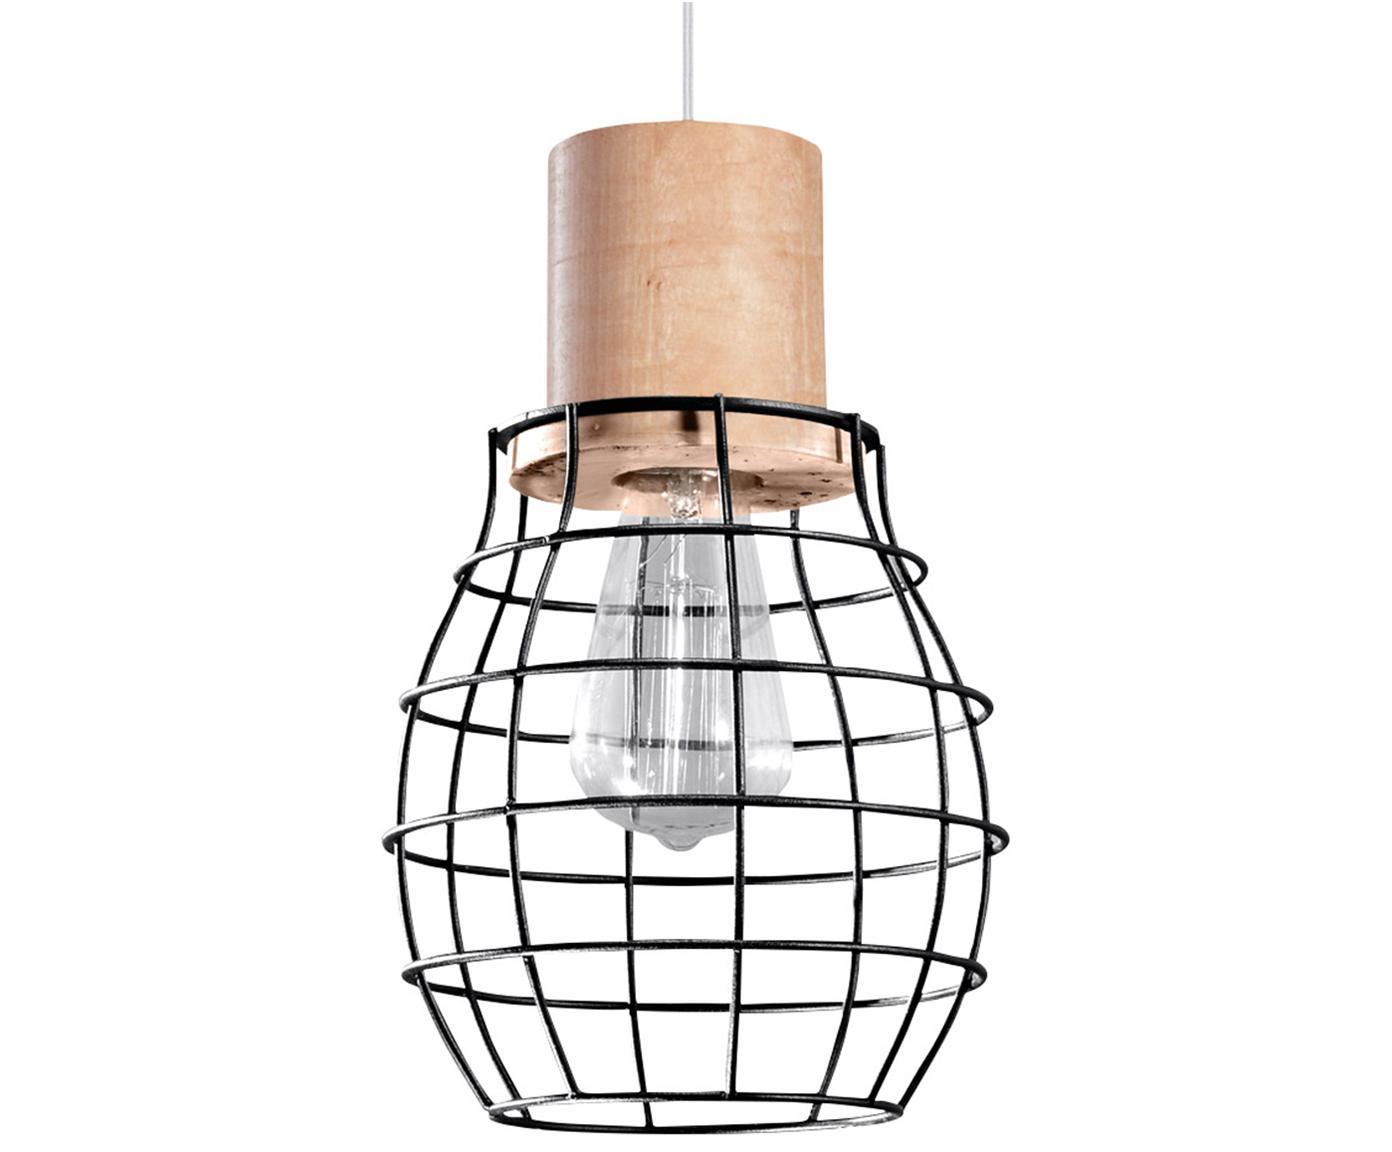 Lampada a sospensione Biella, Acciaio, legno, Nero, legno, Ø 19 x Alt. 100 cm